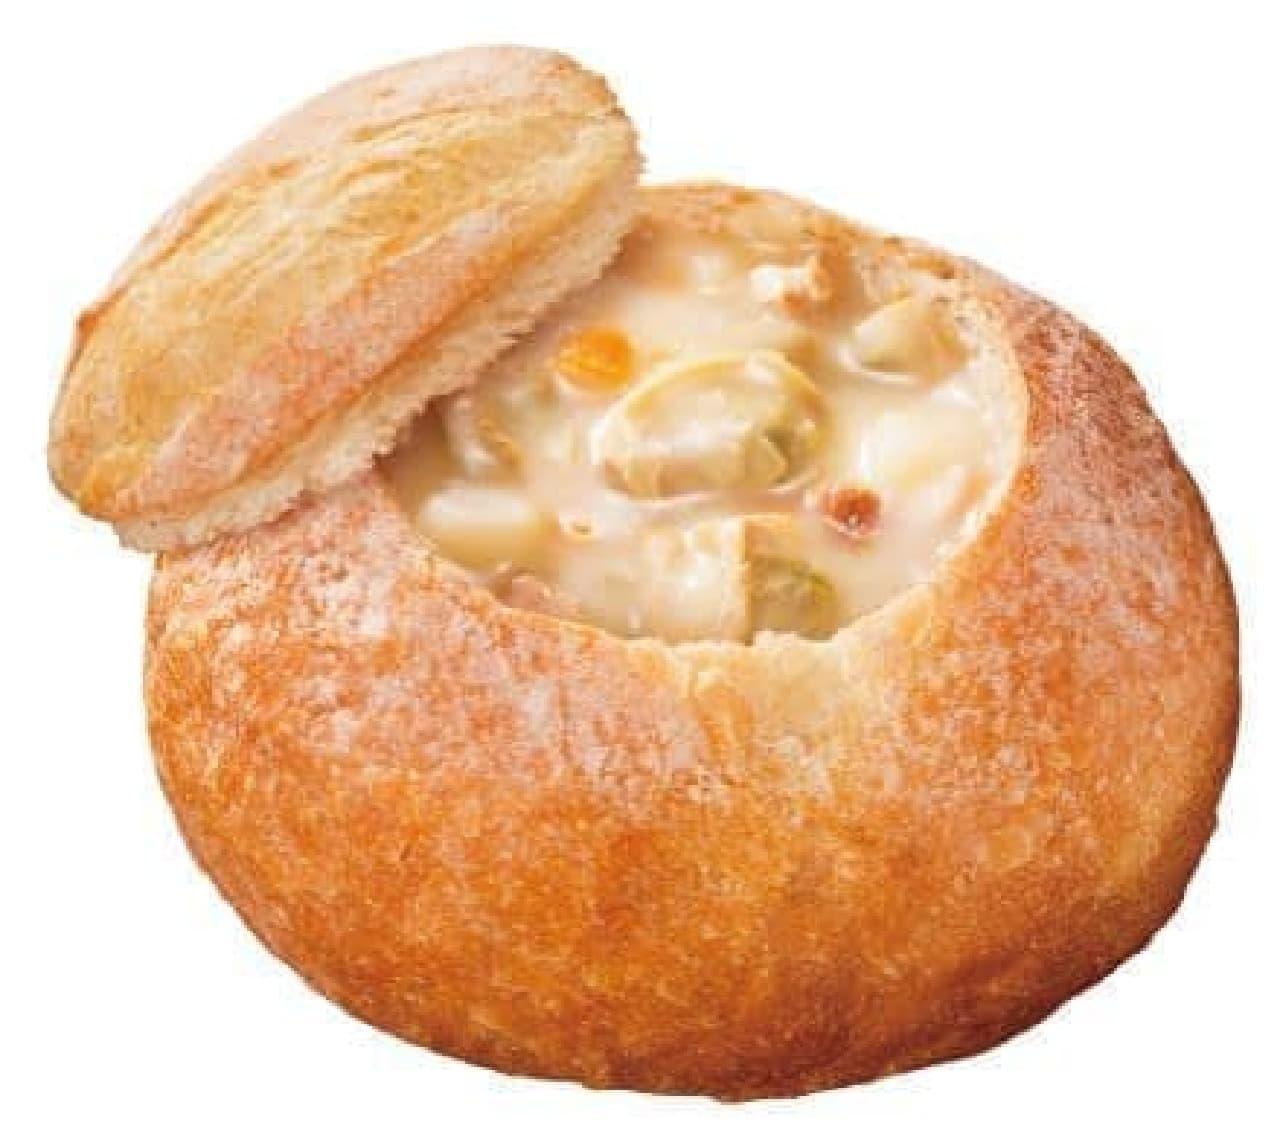 「豆乳クラムチャウダー」は、豆乳をベースに魚介の旨味を凝縮させコクと深みがプラスされたスープが入ったスープパン